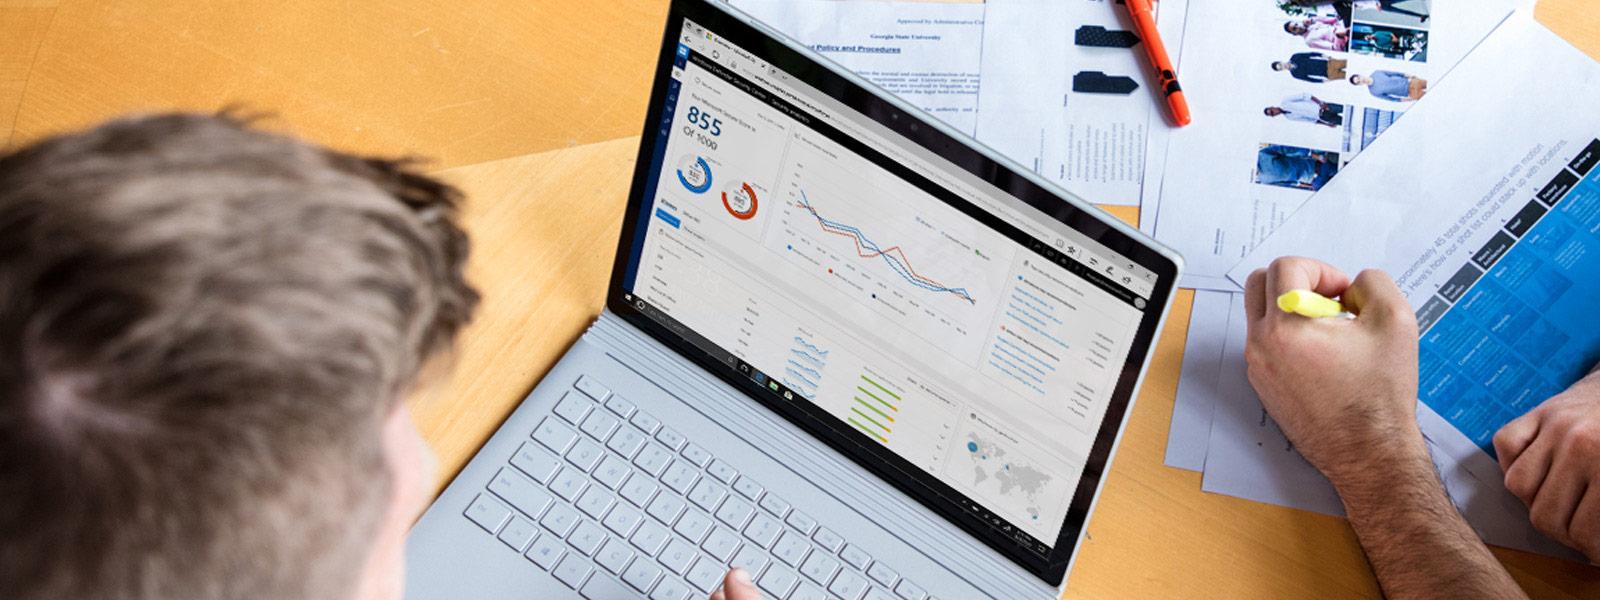 Центр Защитника Windows на экране ноутбука